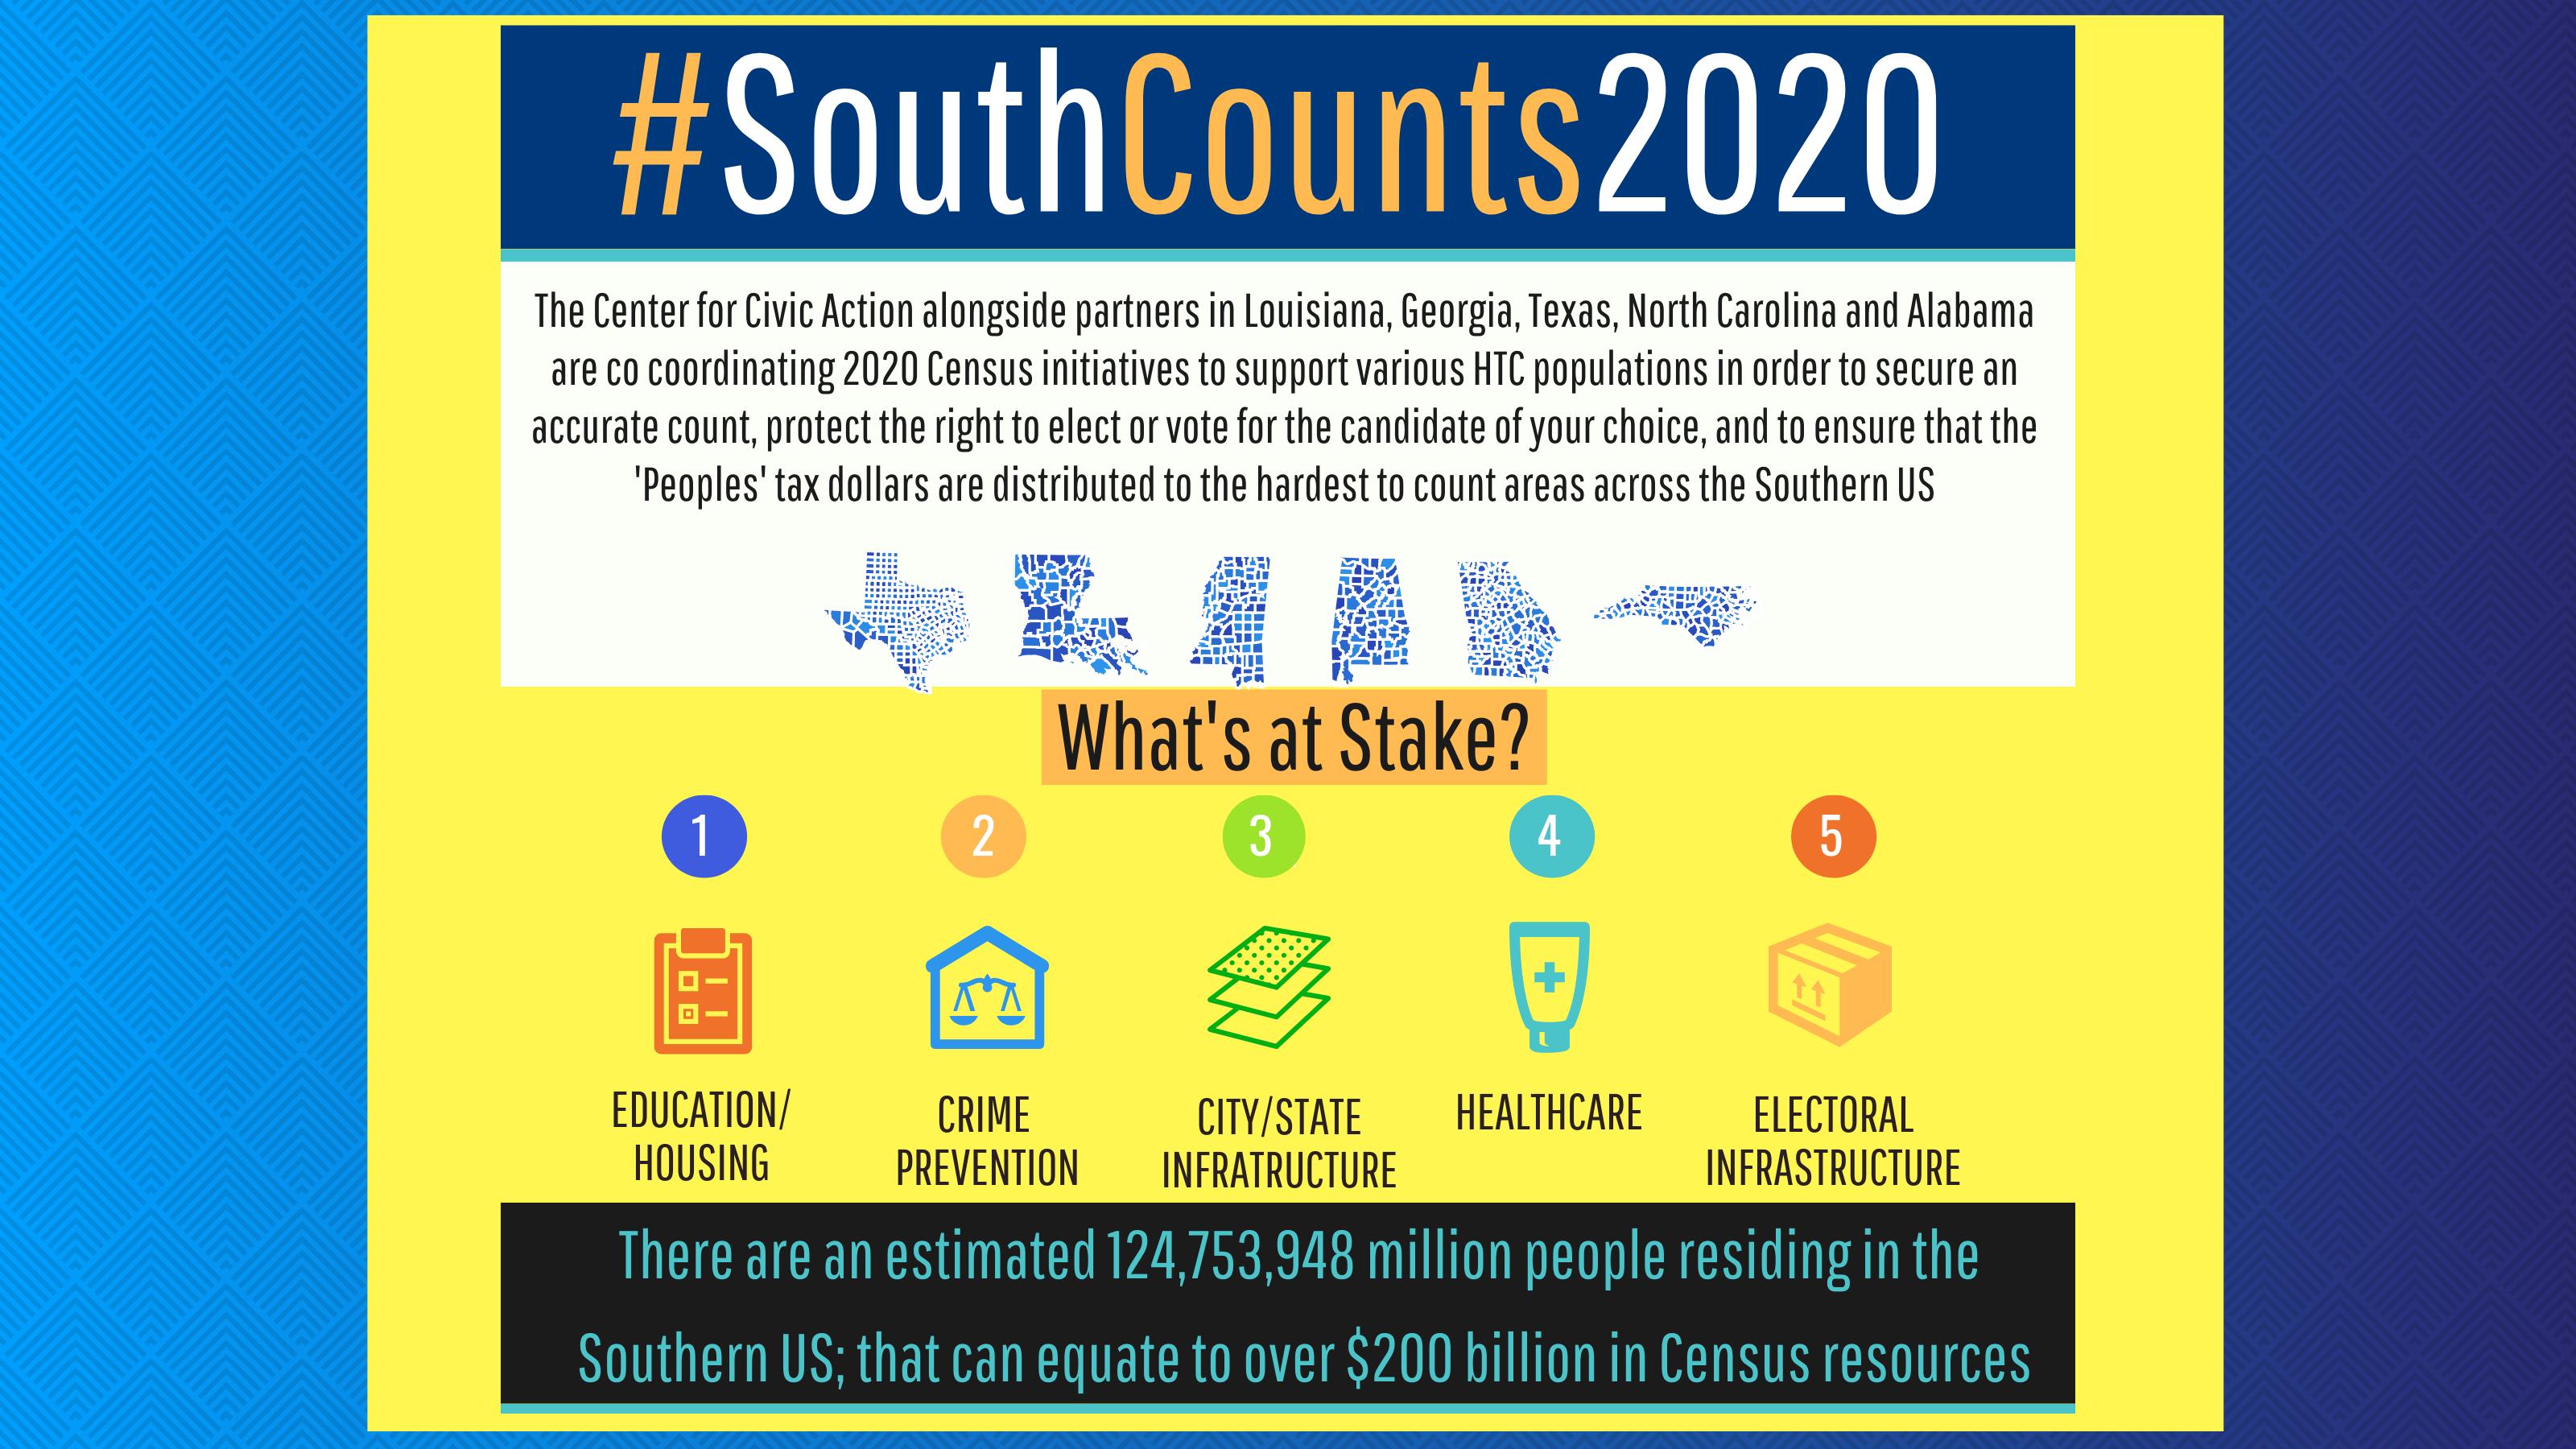 #SouthCounts2020